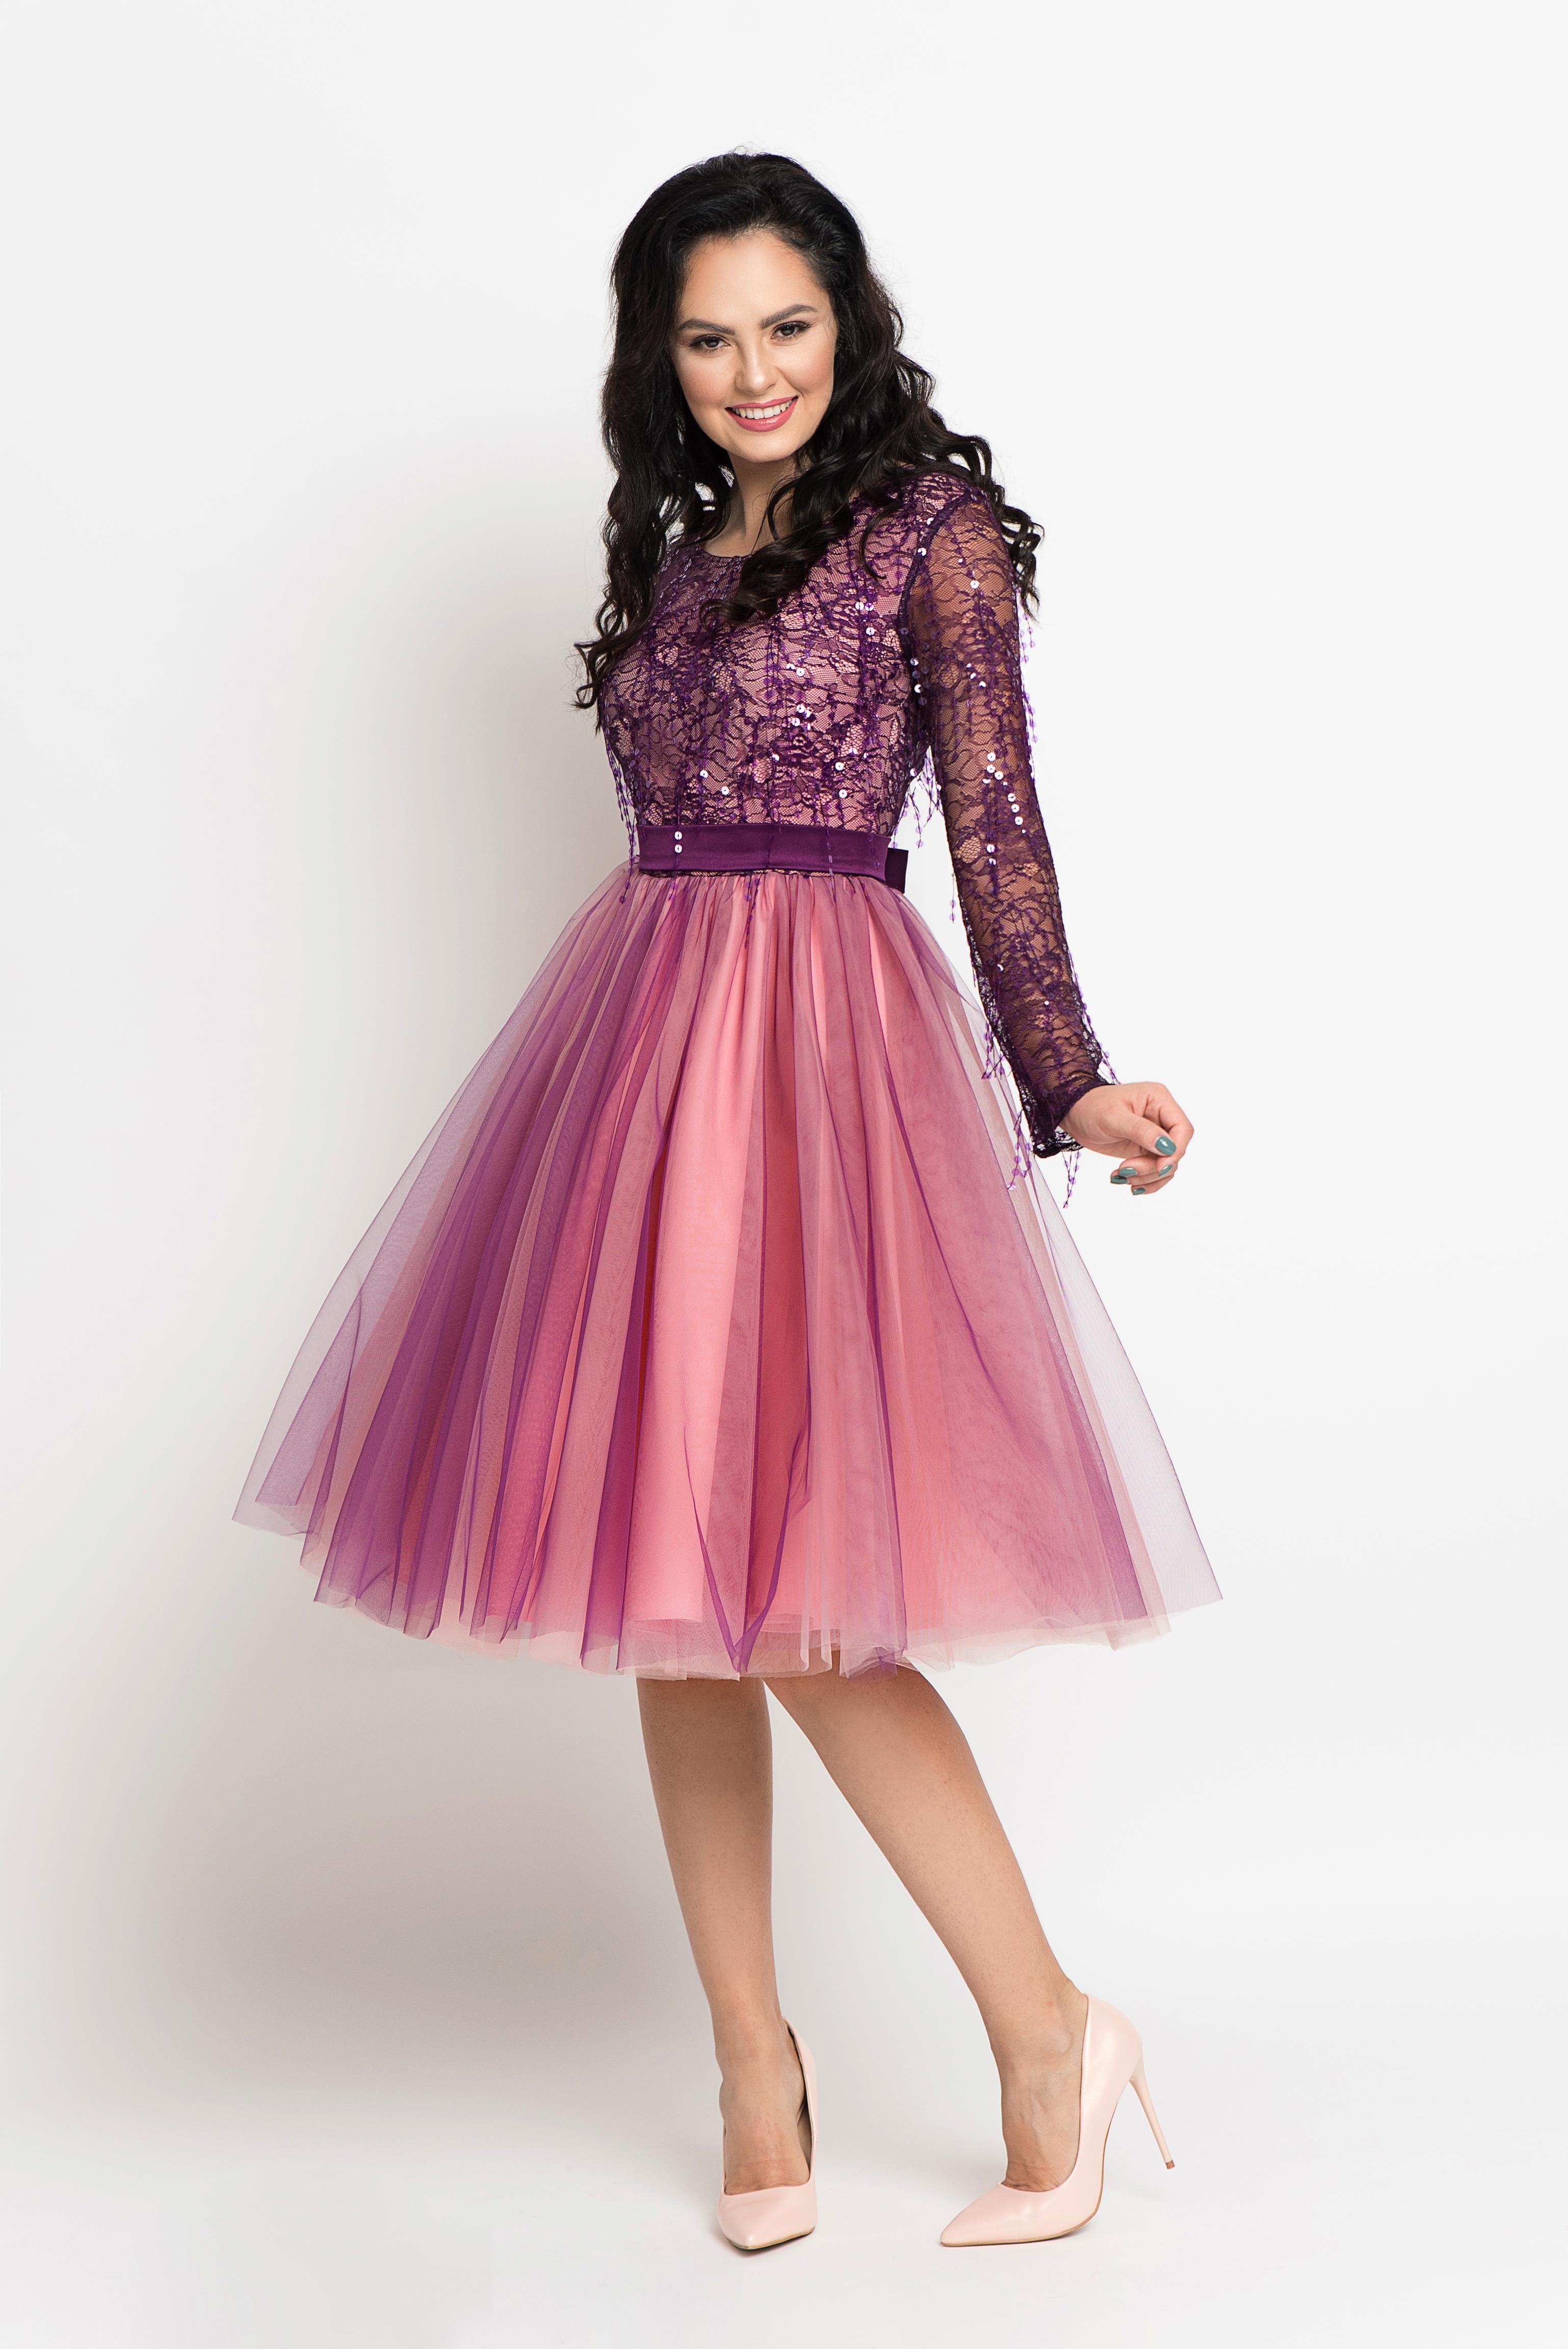 Violet Sequin Dress